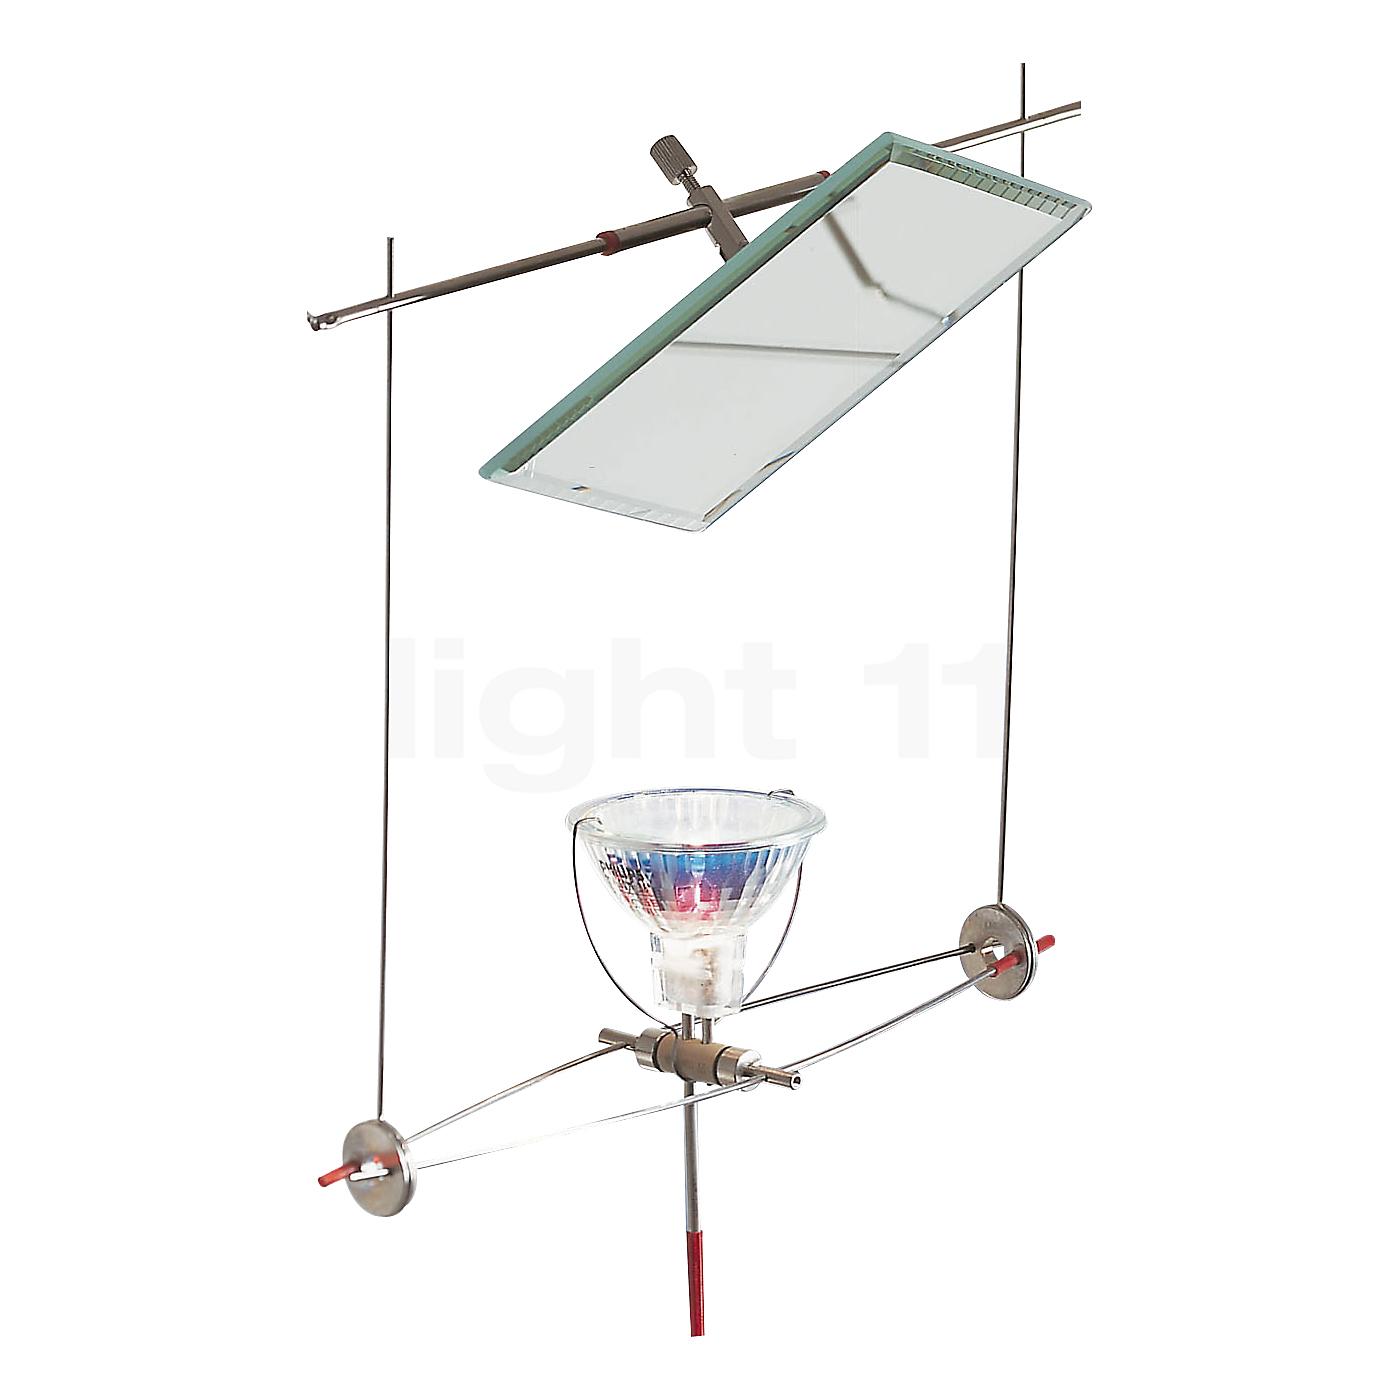 yayaho element 2 mit spiegel seilsysteme von ingo maurer kaufen. Black Bedroom Furniture Sets. Home Design Ideas